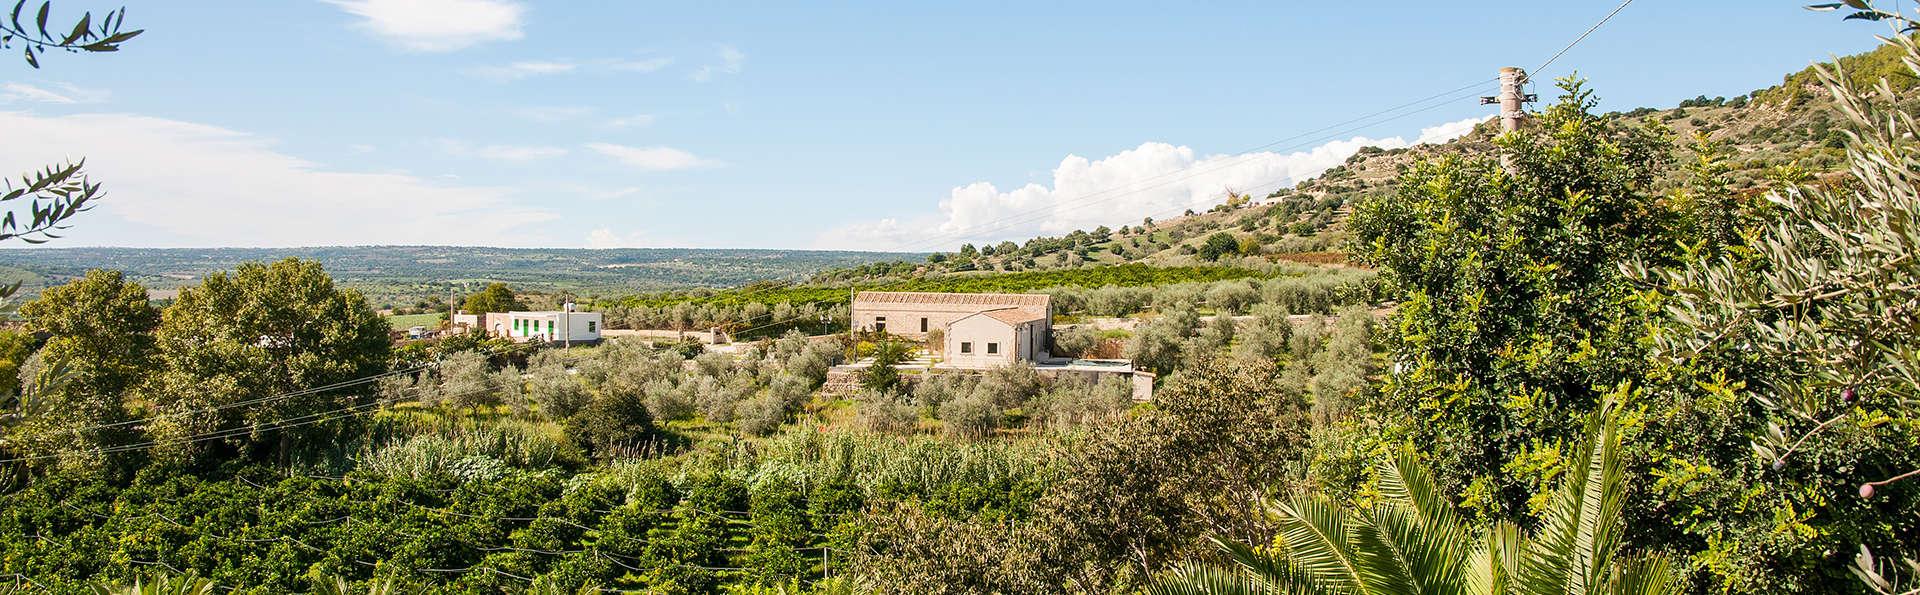 Offerta in Sicilia per tutta la famiglia: in appartamento per 4 in mezza pensione